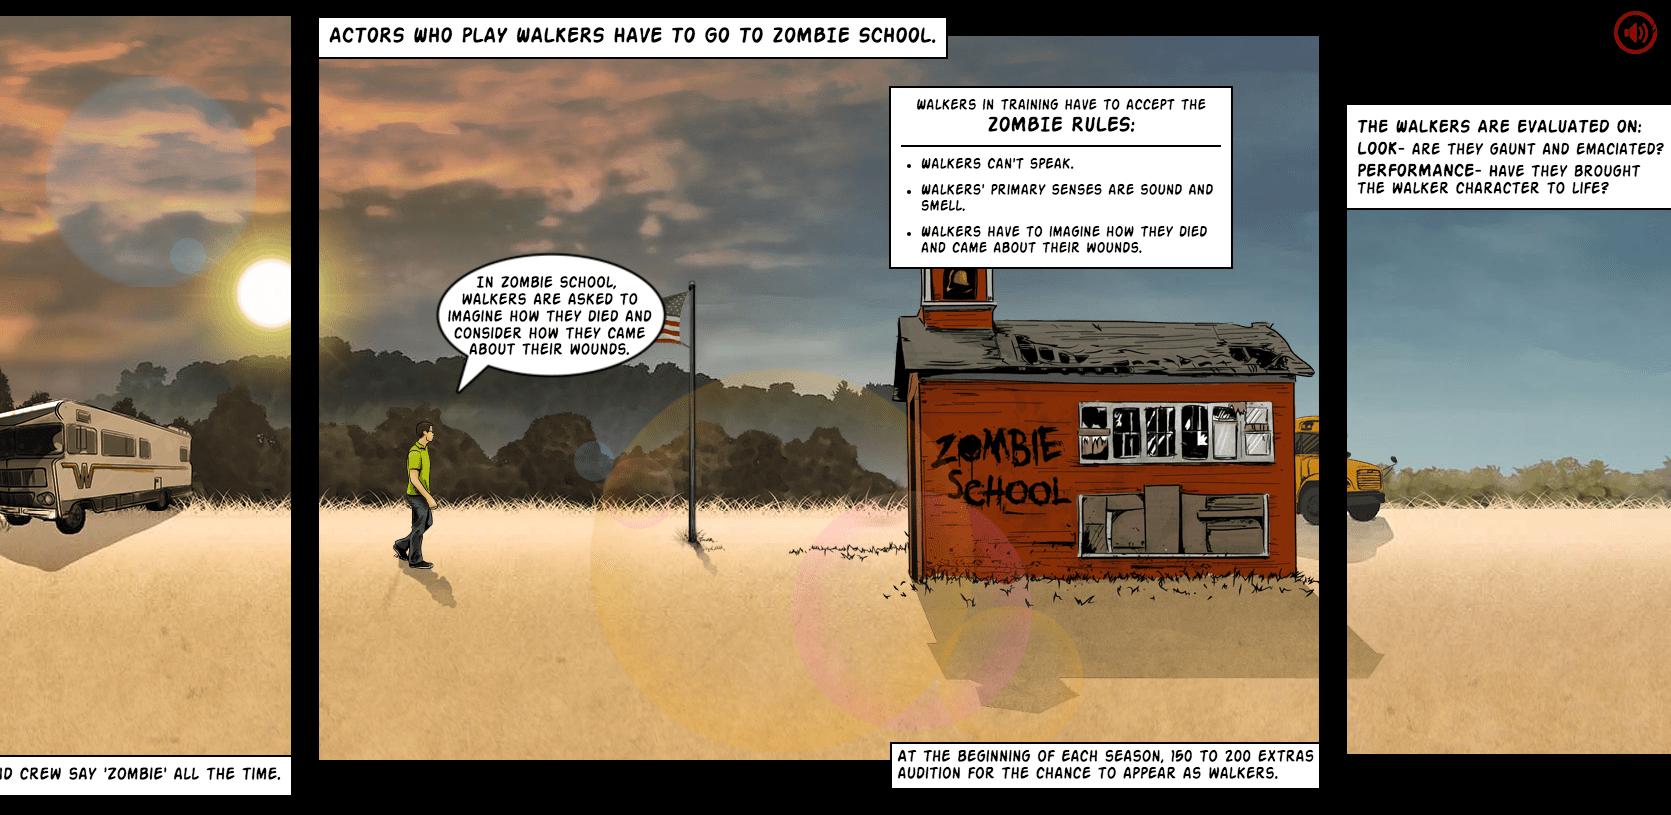 Parallax scrolling websites: Walking Dead